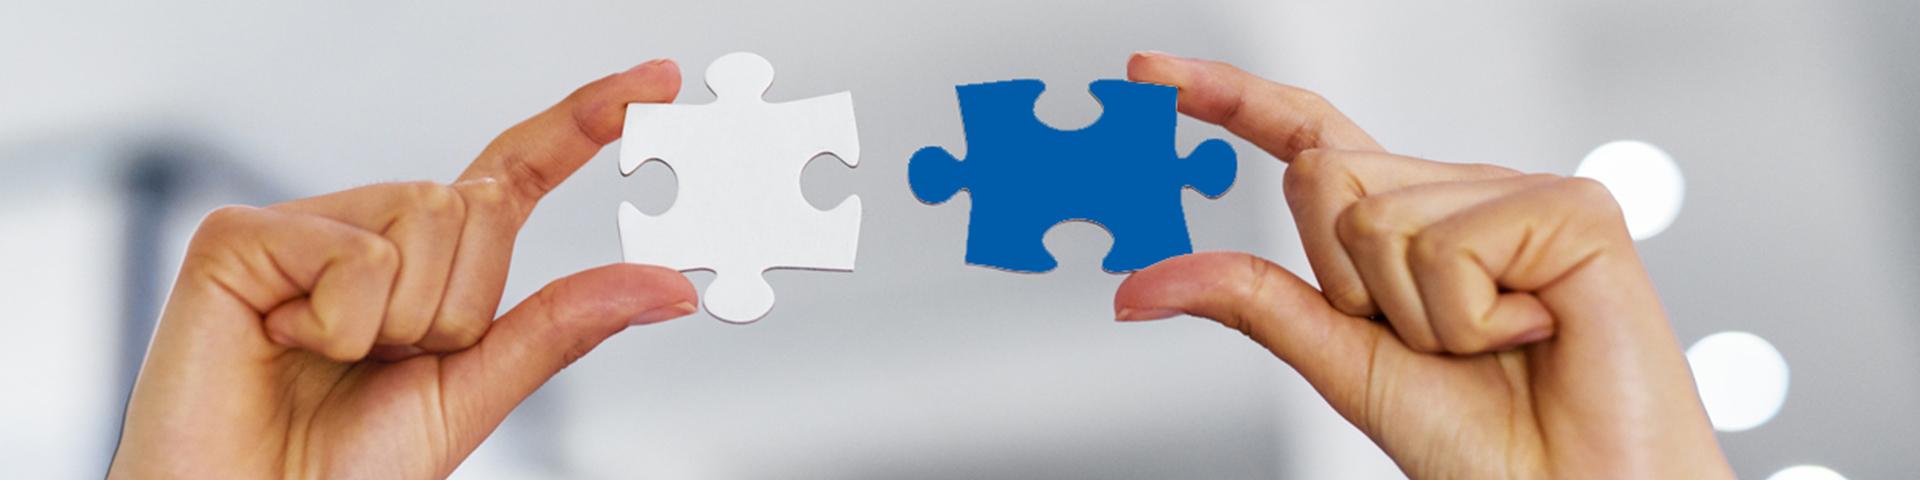 Verbund- und Geschäftspartner: 1 Frau und 2 Männer in Anzug blicken in die Ferne. Sie stehen für die Kooperationspartner der BBBank, die im Verbund alle Belange der Kunden lösen.